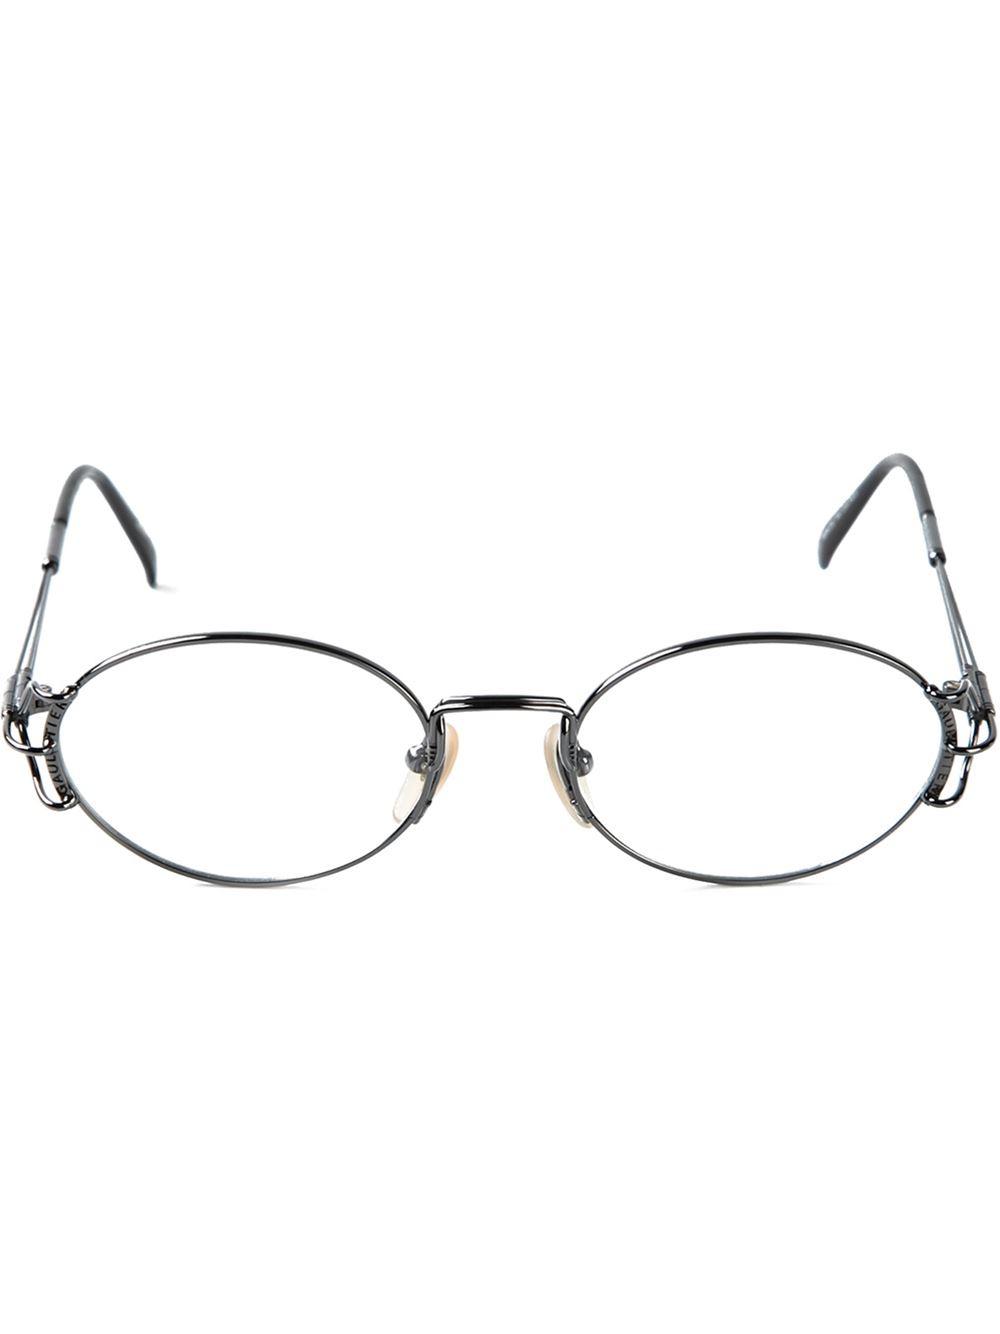 1d608706e82 Lyst - Jean Paul Gaultier Oval Frame Glasses in Metallic